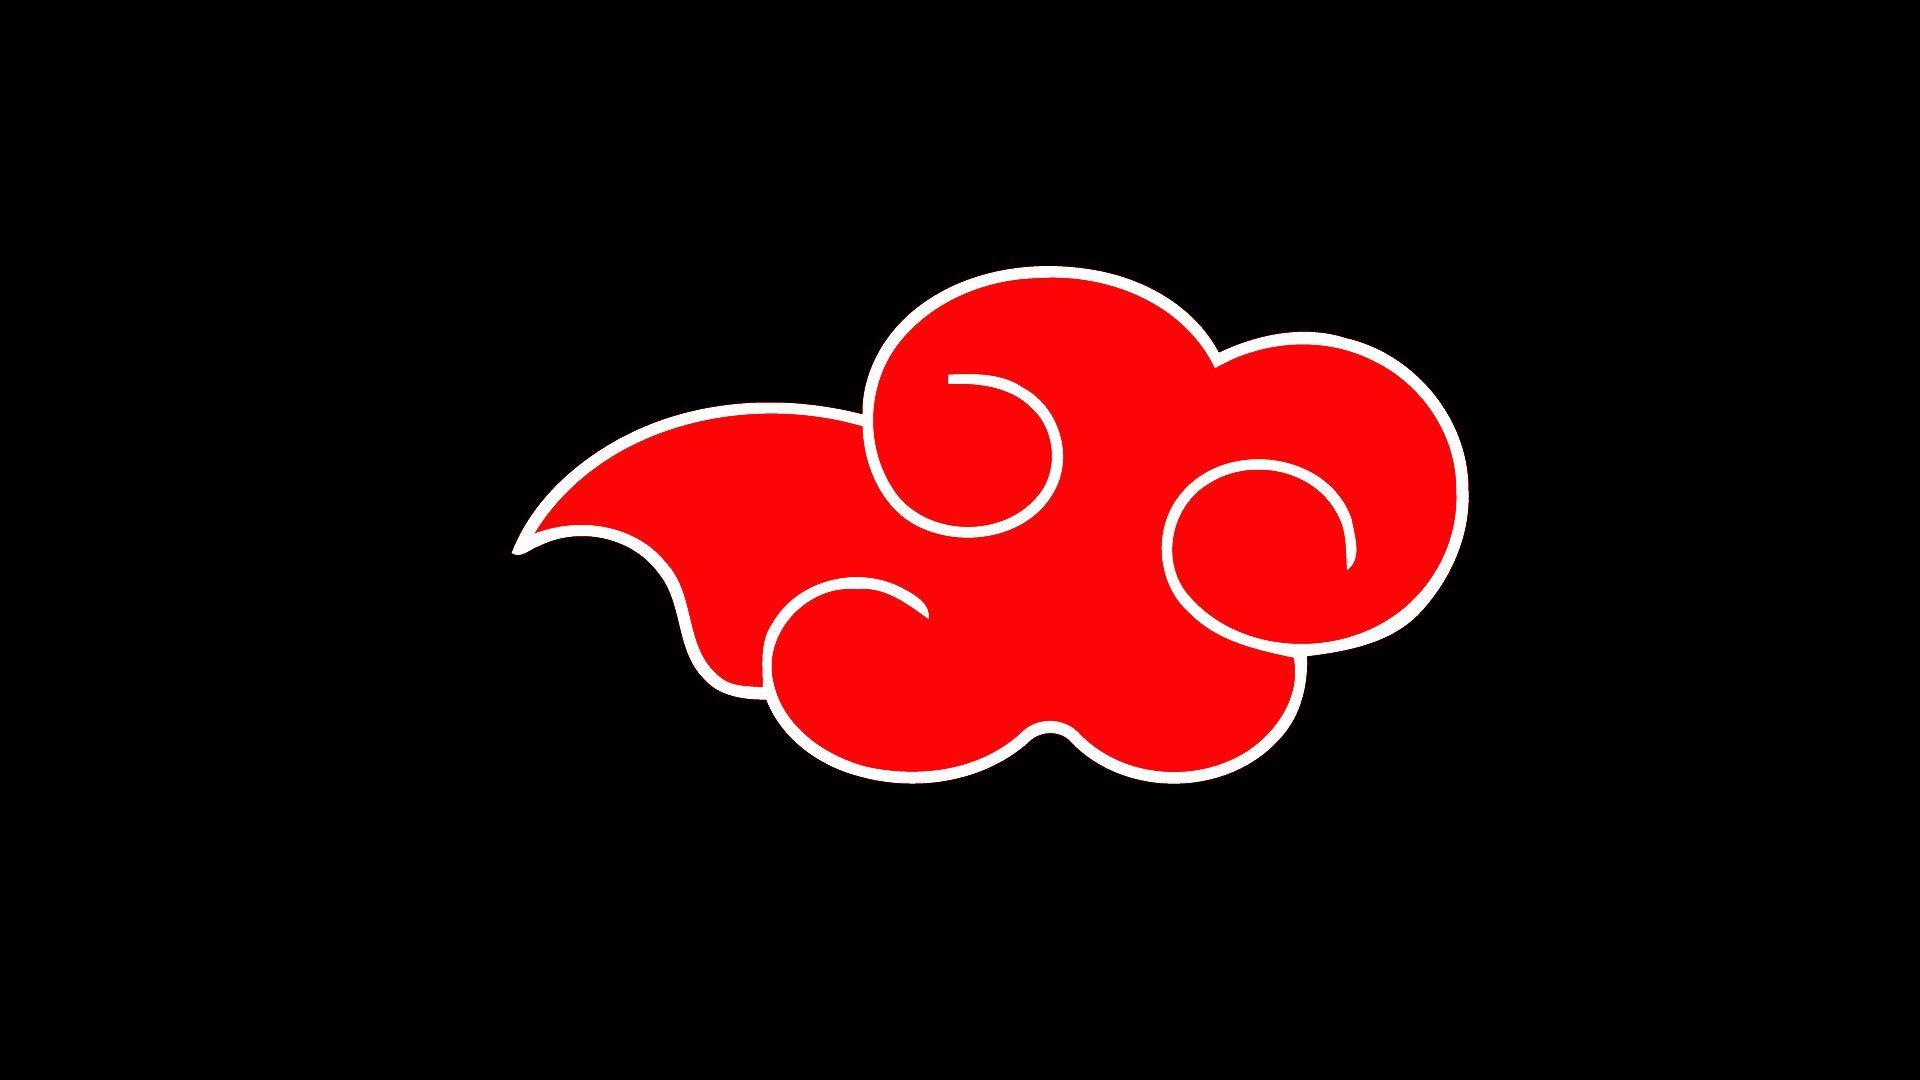 30 image for mobile: akatsuki clouds